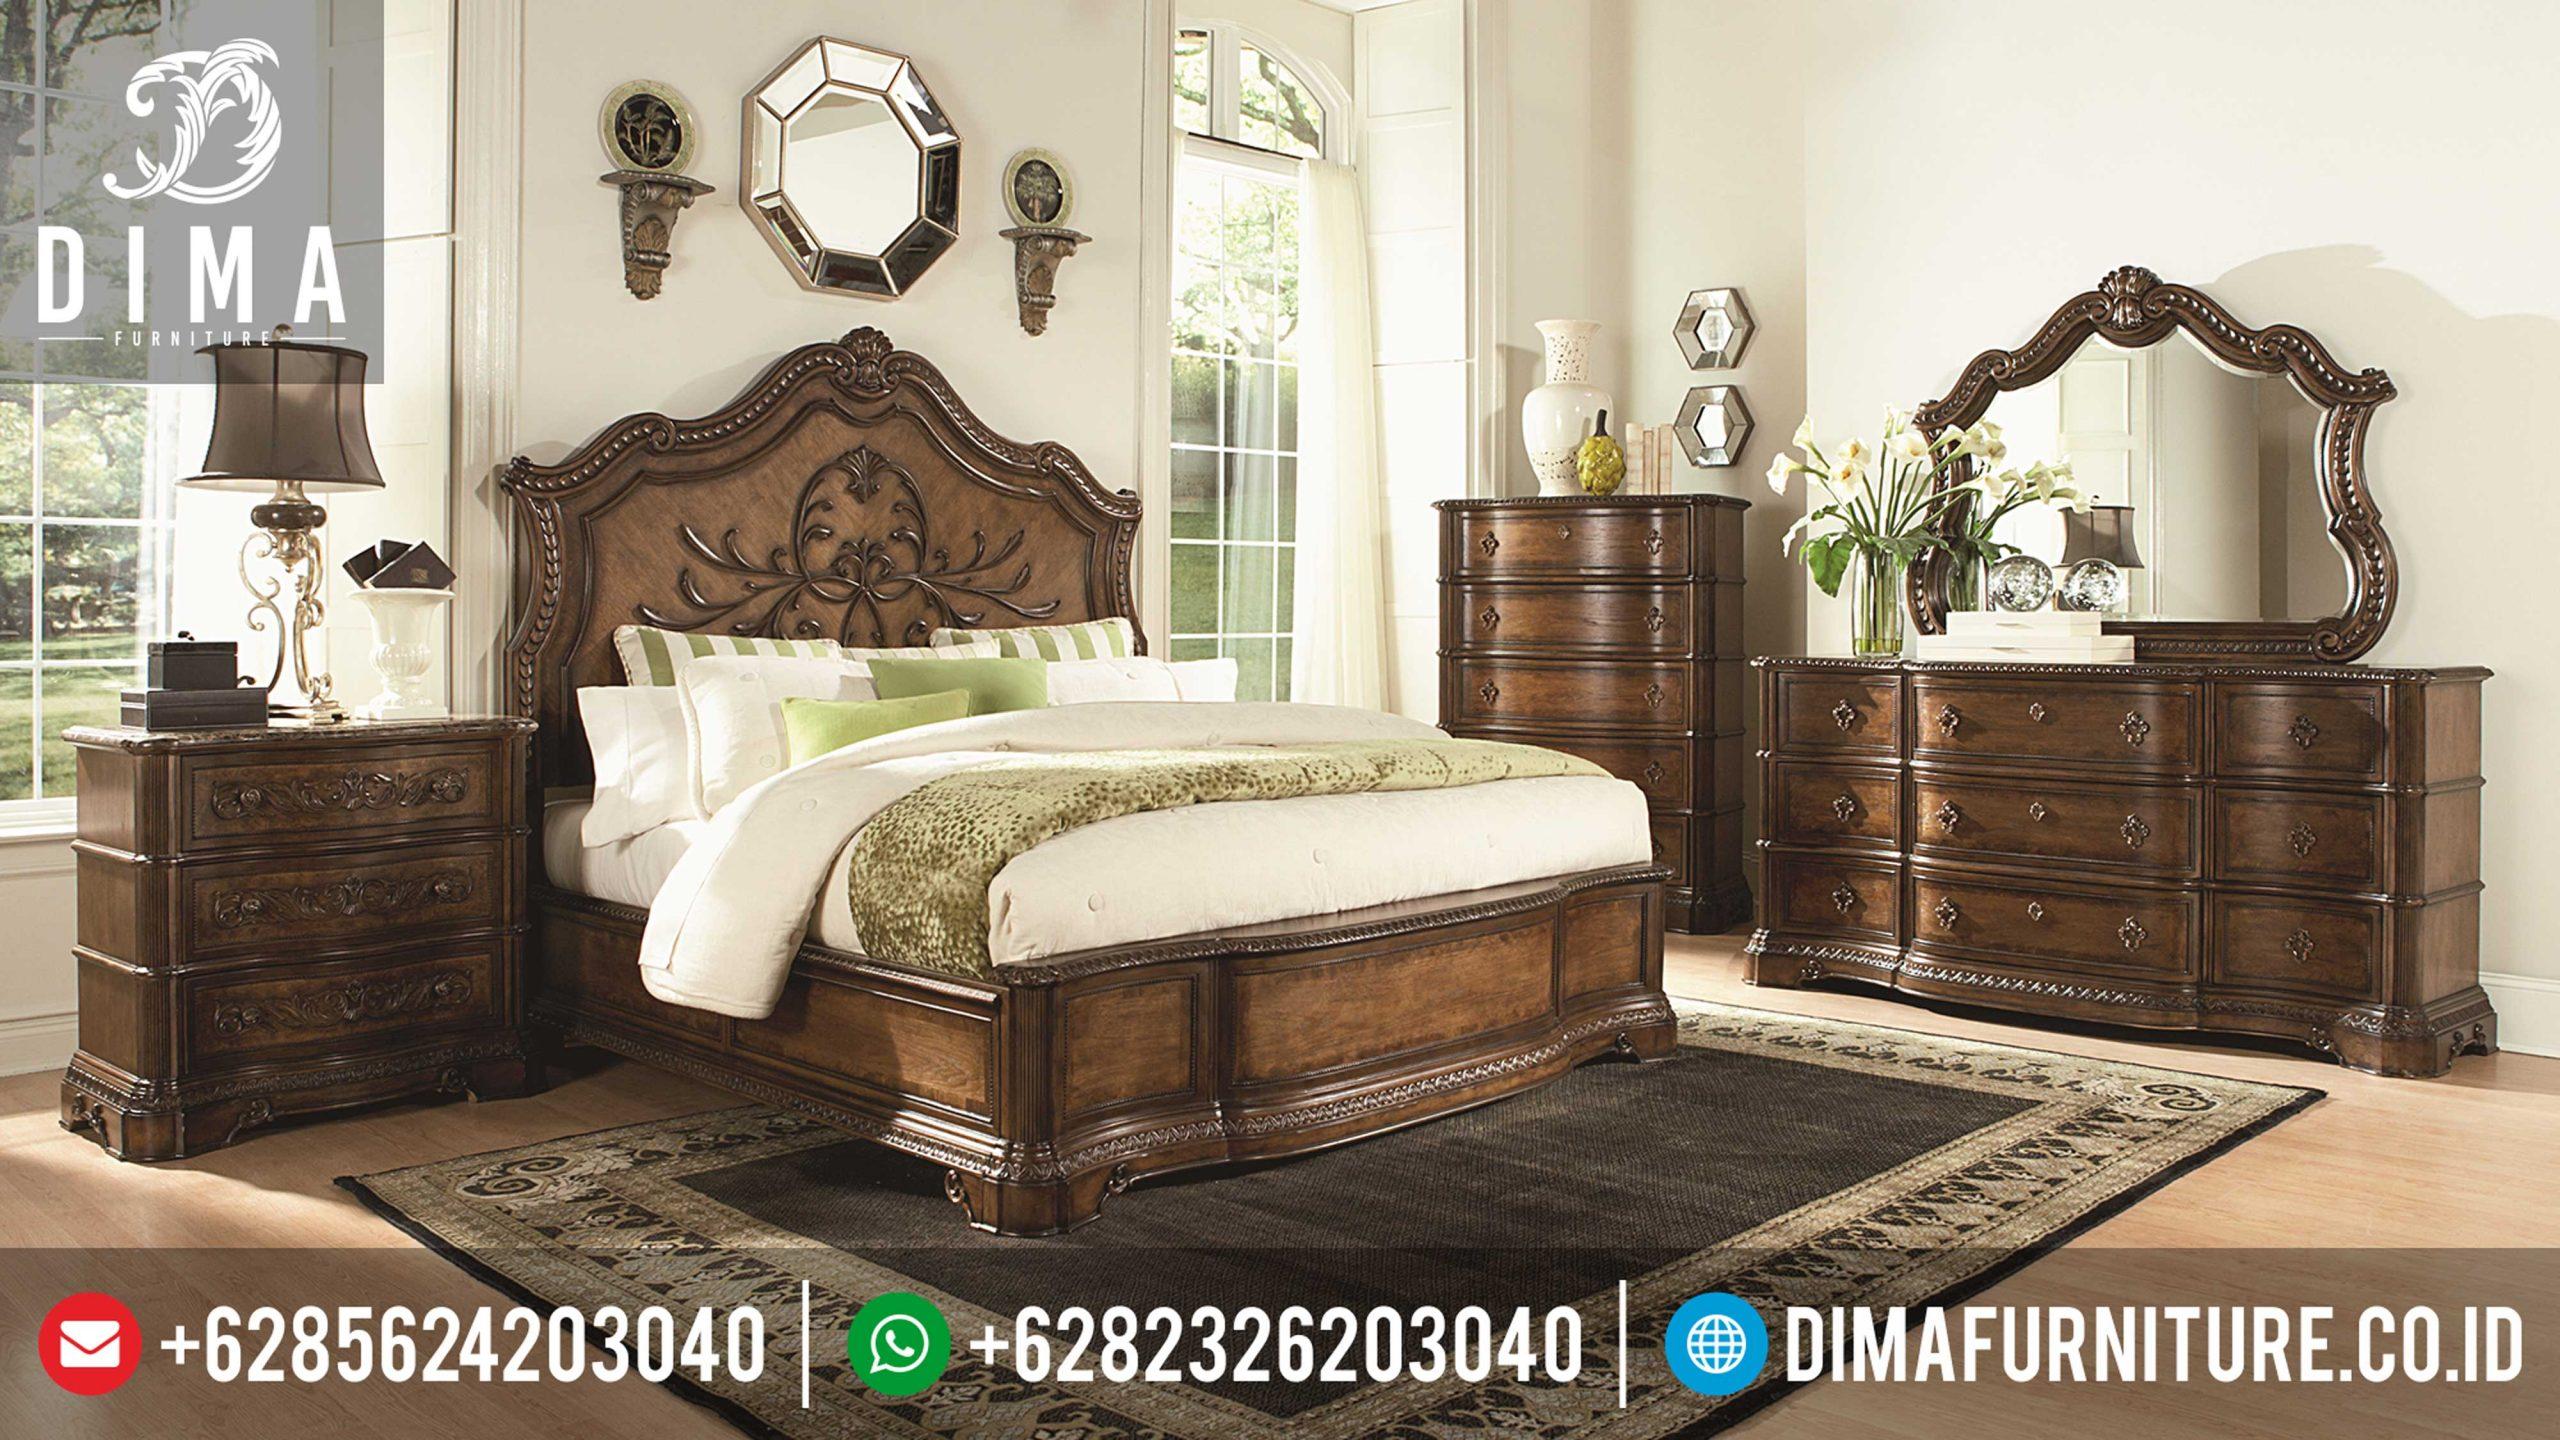 Tempat Tidur Mewah Terbaru, Set Kamar Tidur Jati Jepara, Kamar Set Mewah Jepara Mm-0075